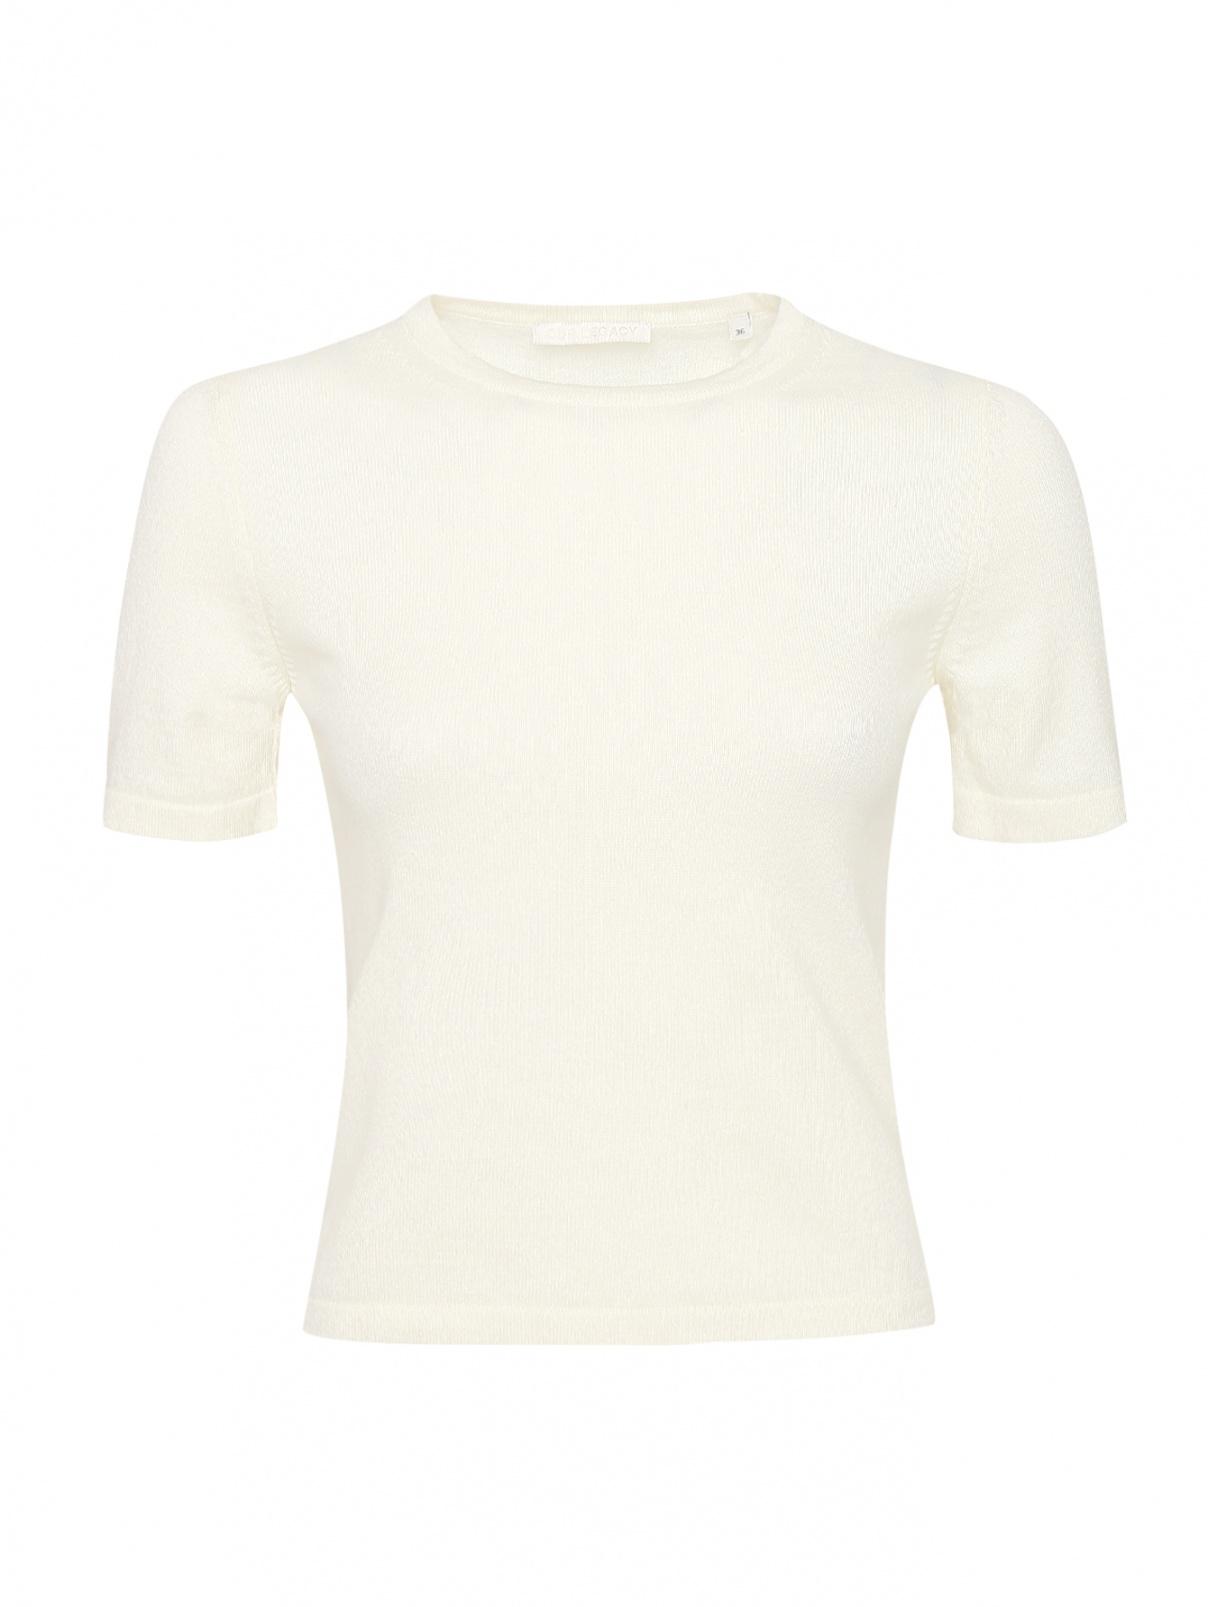 Однотонная укороченная футболка Our Legacy  –  Общий вид  – Цвет:  Белый